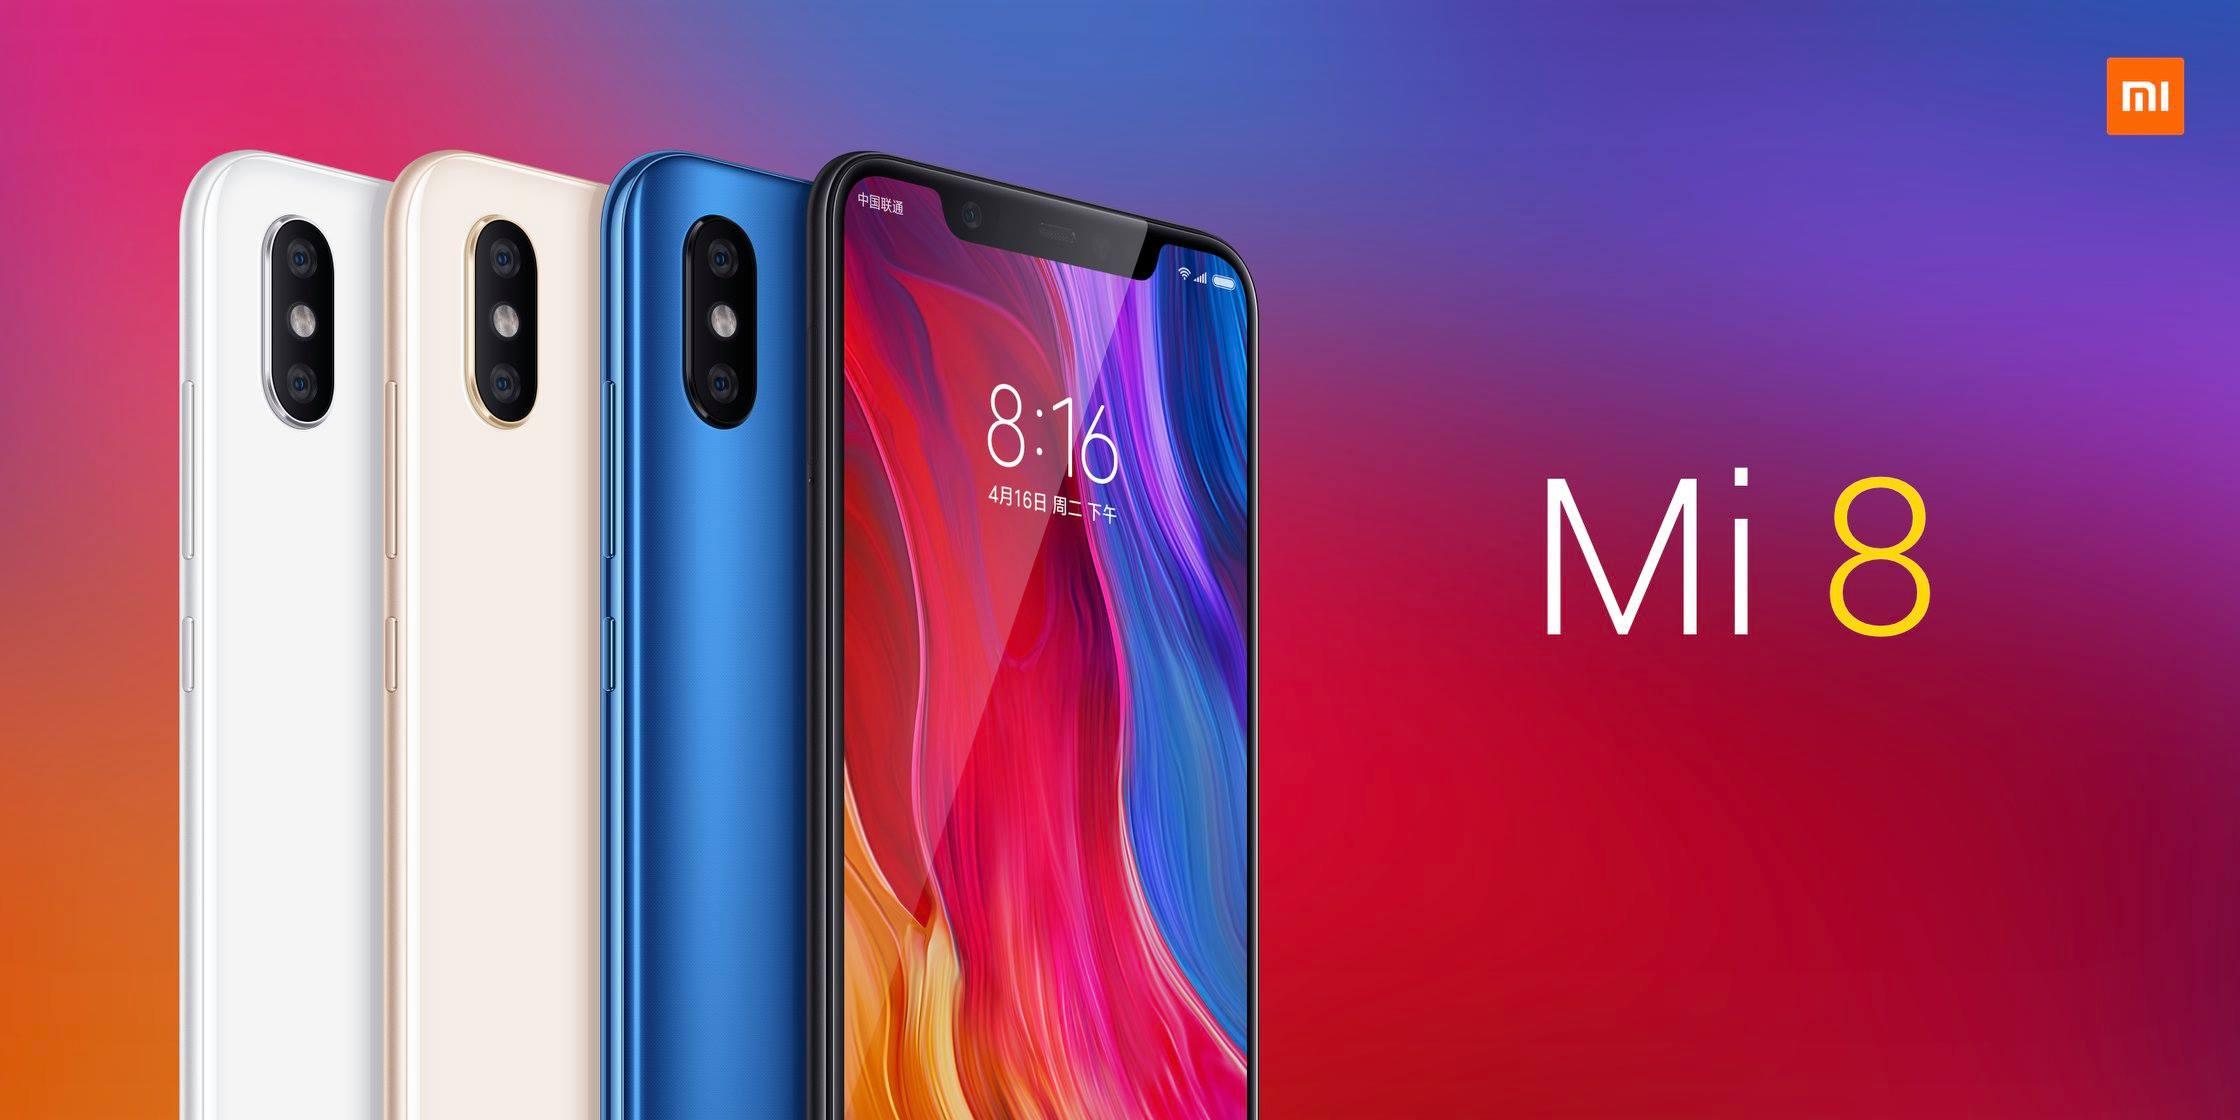 Xiaomi annonce les Mi 8 et Mi 8 Explorer : voici leurs caractéristiques et leurs prix